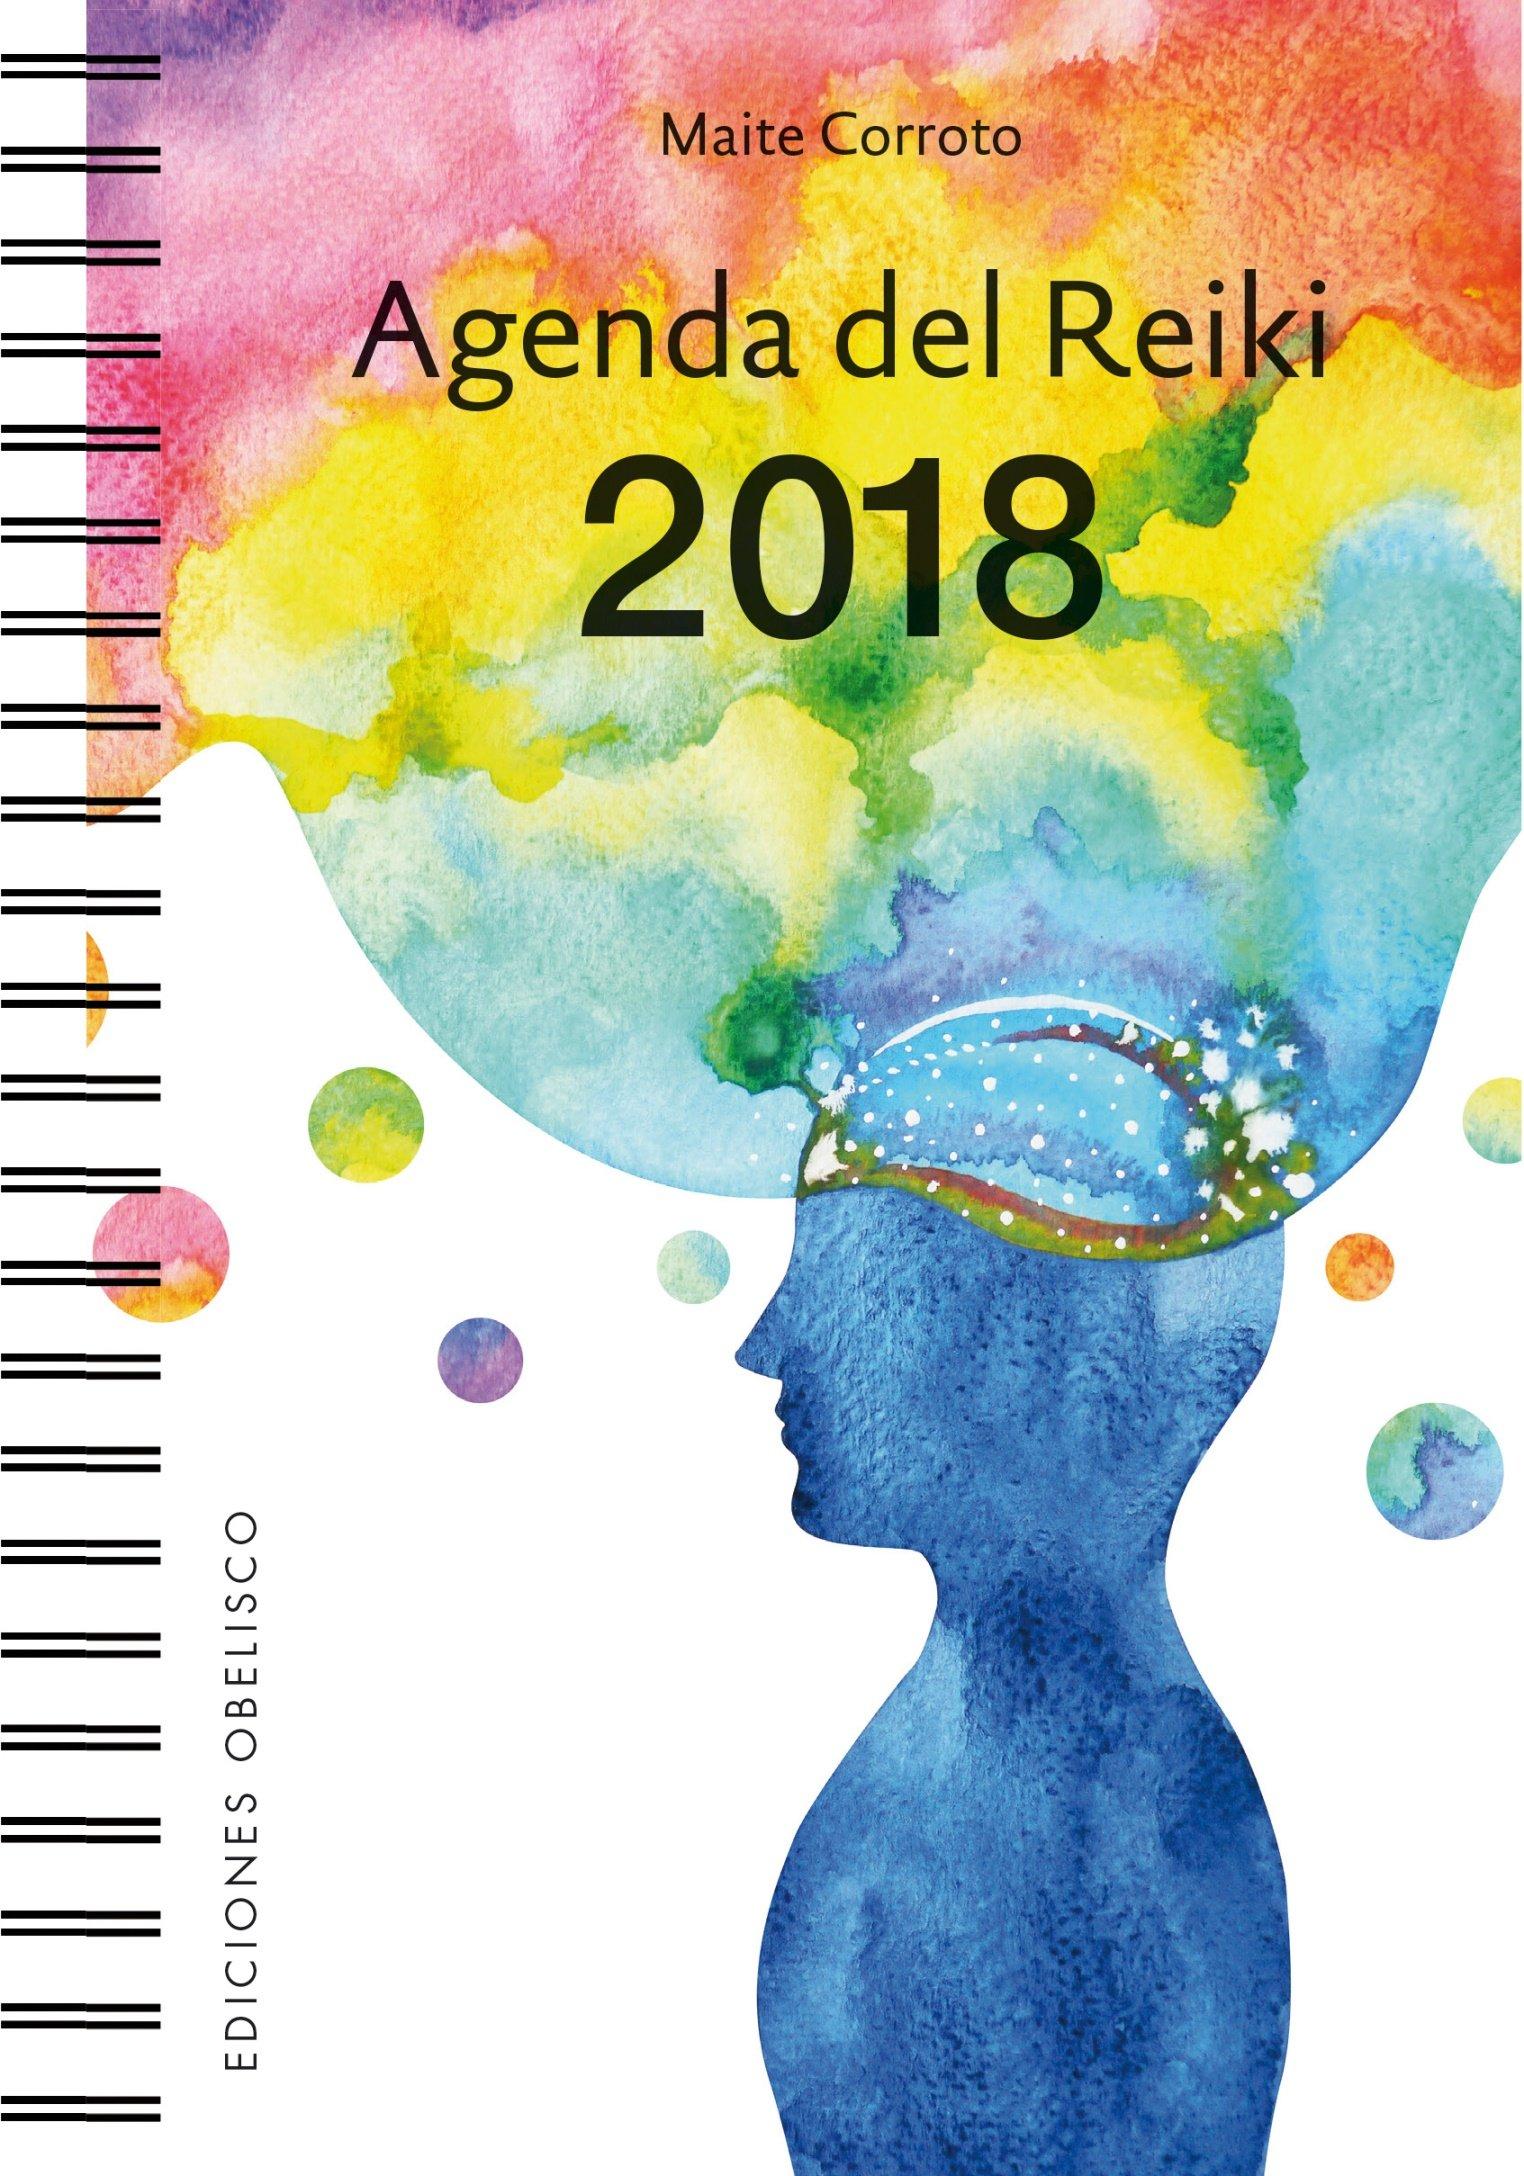 2018 Agenda del Reiki Tapa blanda – Agenda, 31 dic 2017 Maite Corroto 2018 Agenda del Reiki OBELS|#Obelisco 8491112421